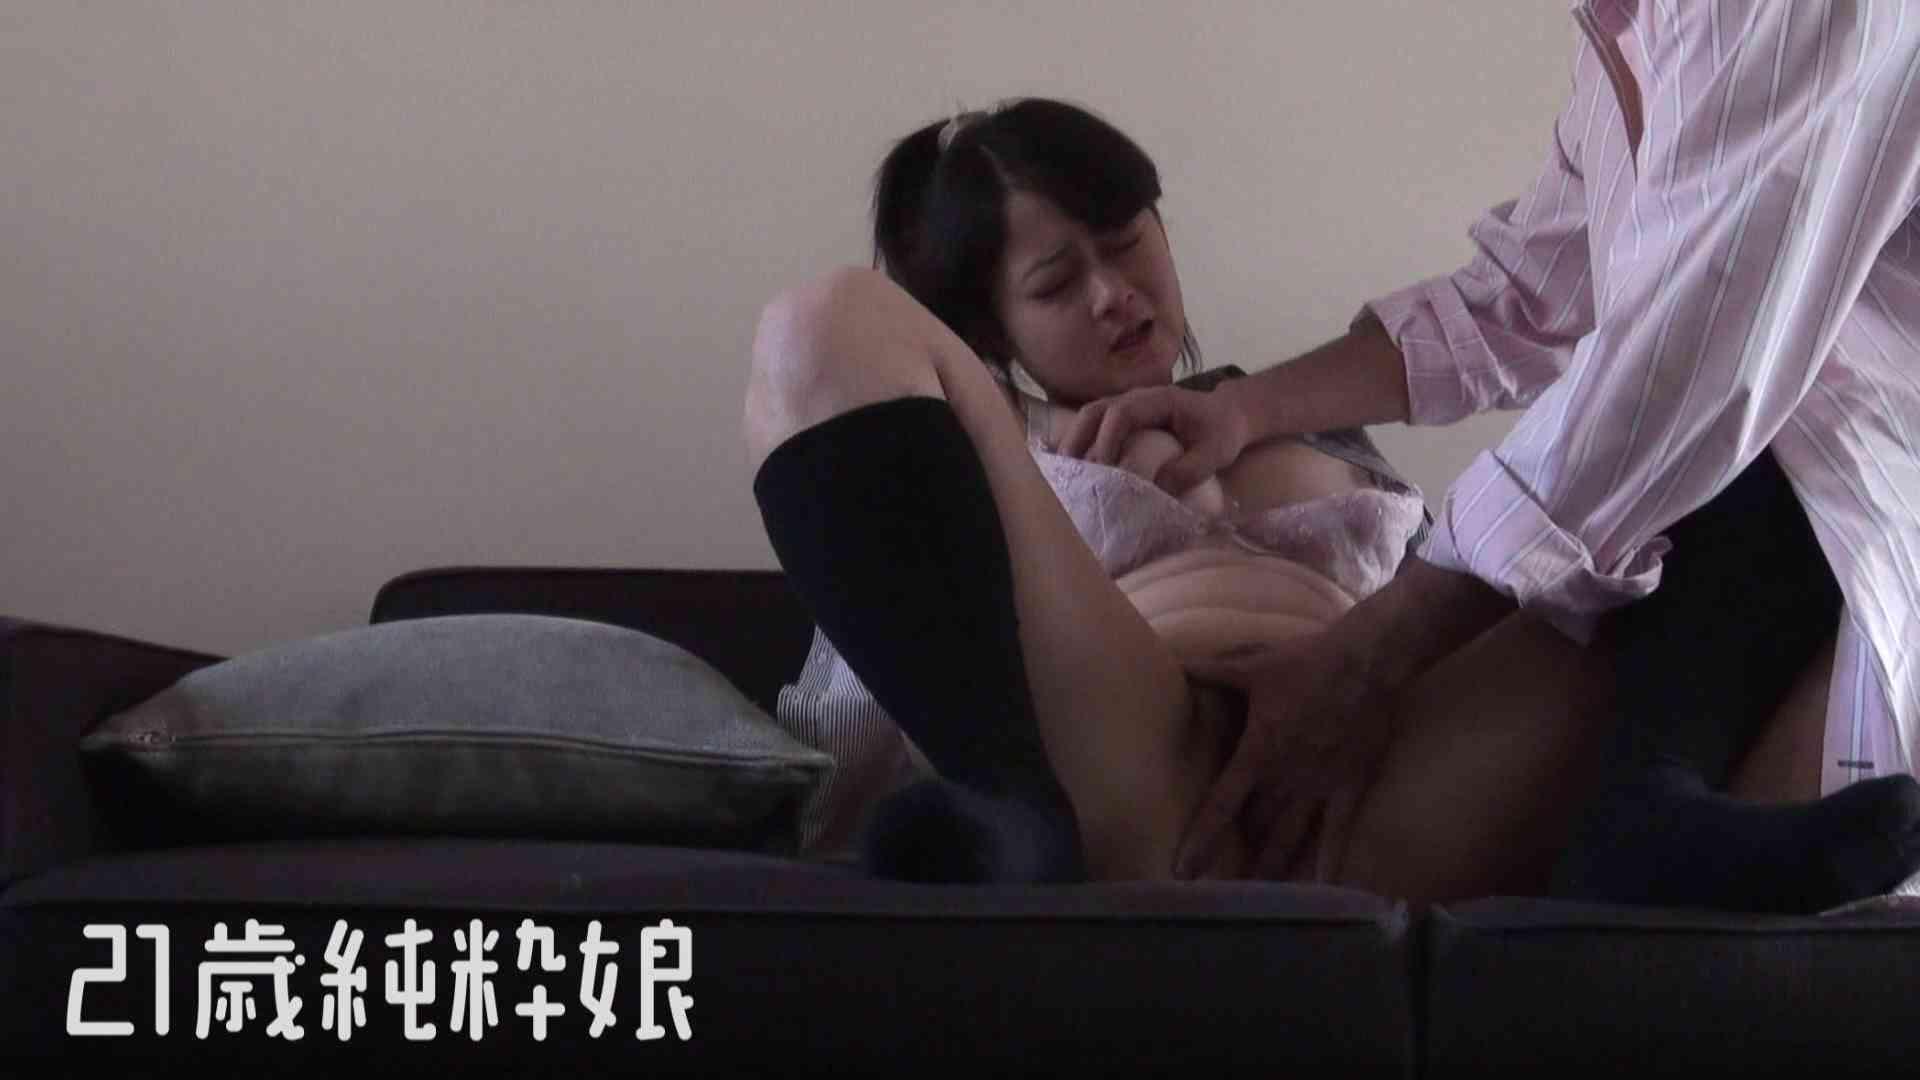 上京したばかりのGカップ21歳純粋嬢を都合の良い女にしてみた3 一般投稿 | オナニー覗き見  102pic 29